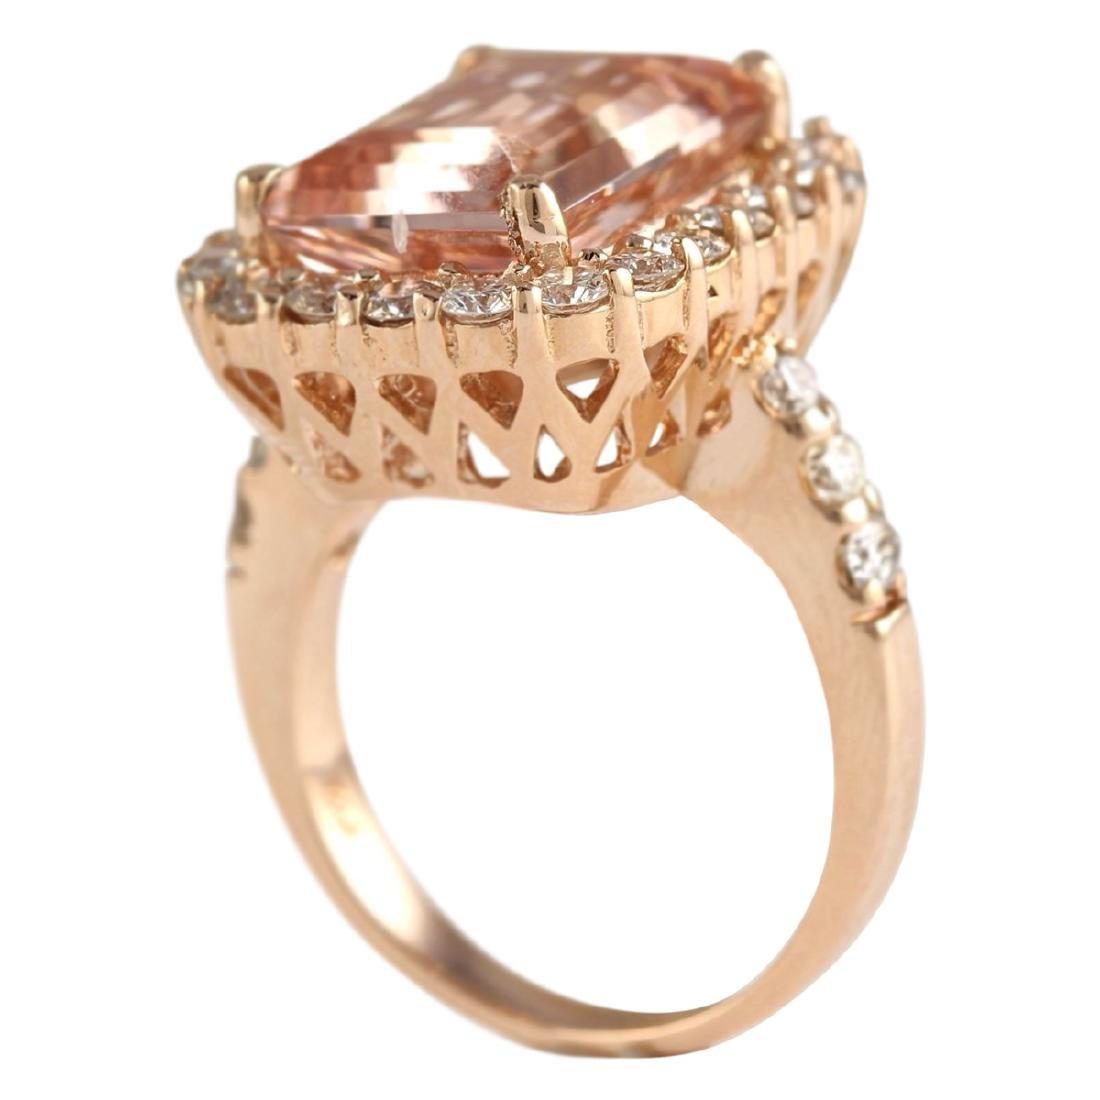 8.33 CTW Natural Morganite And Diamond Ring In 18K Rose - 3